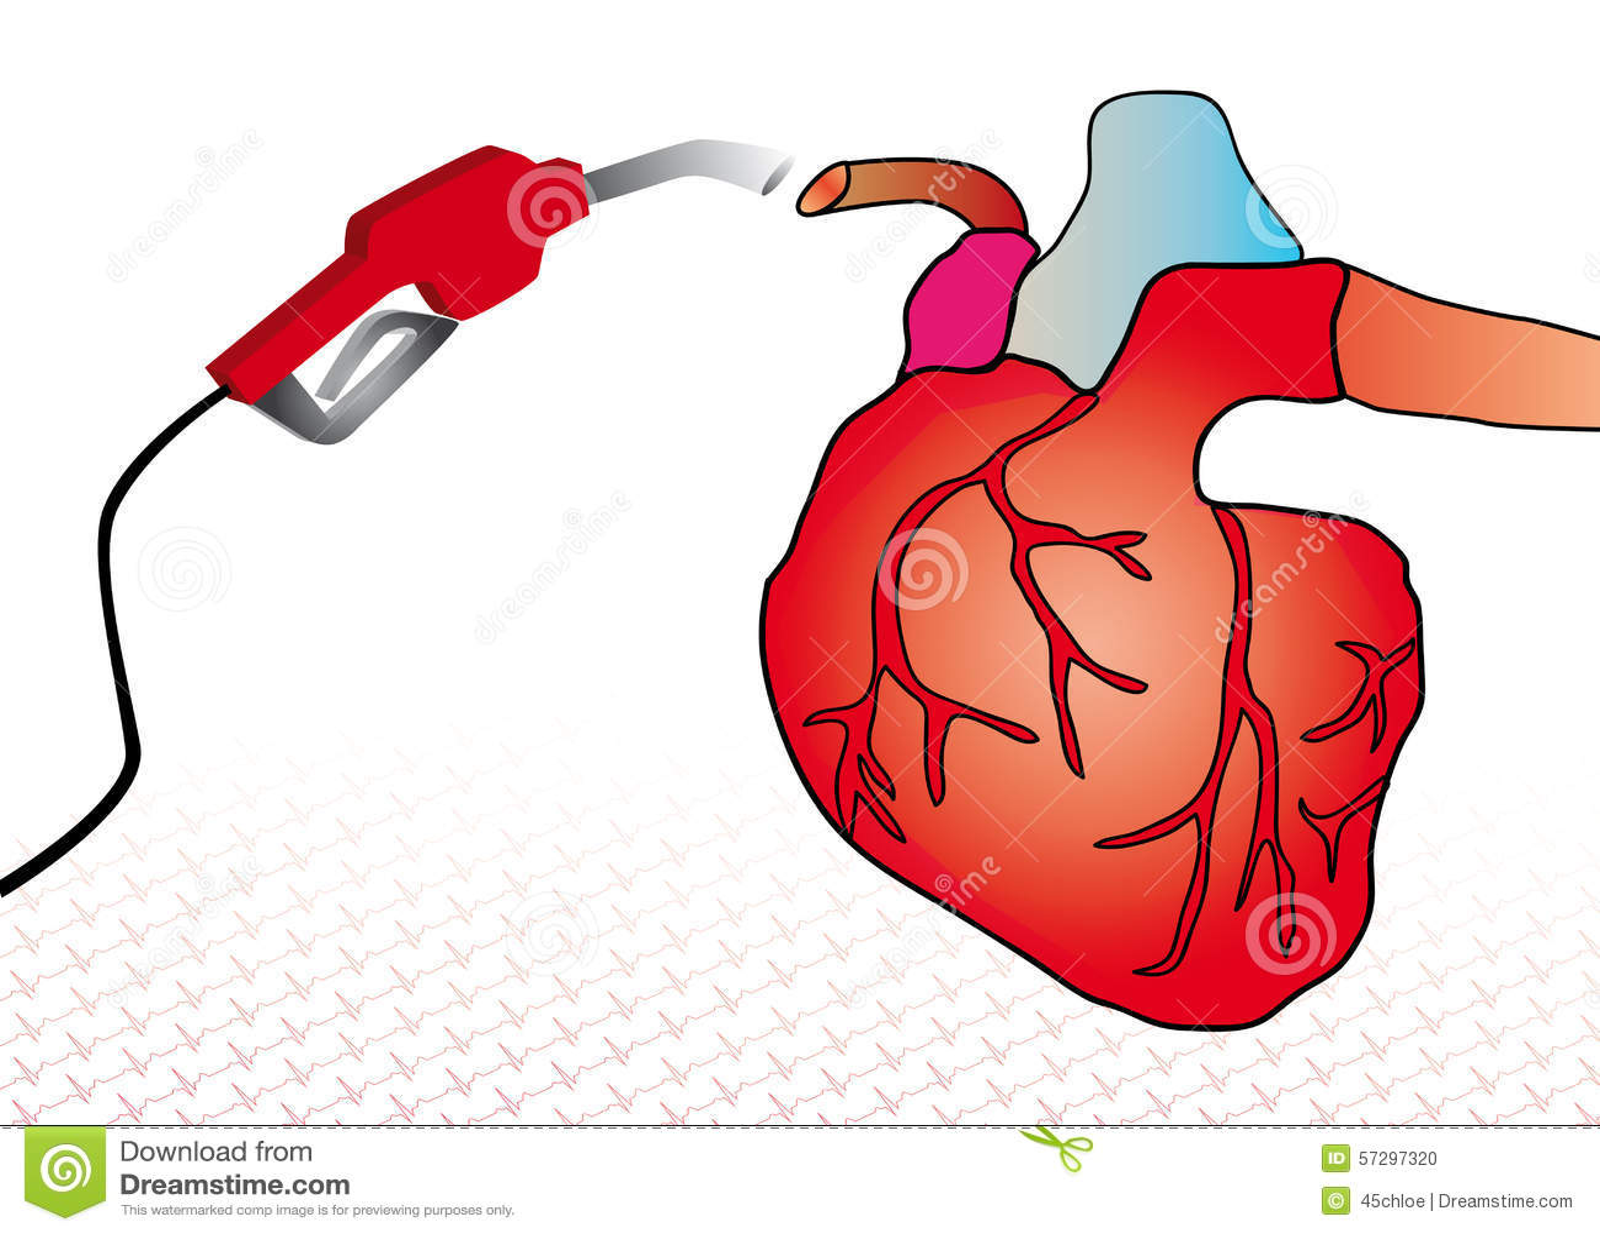 Niedlich Herzsystem Zeitgenössisch - Menschliche Anatomie Bilder ...